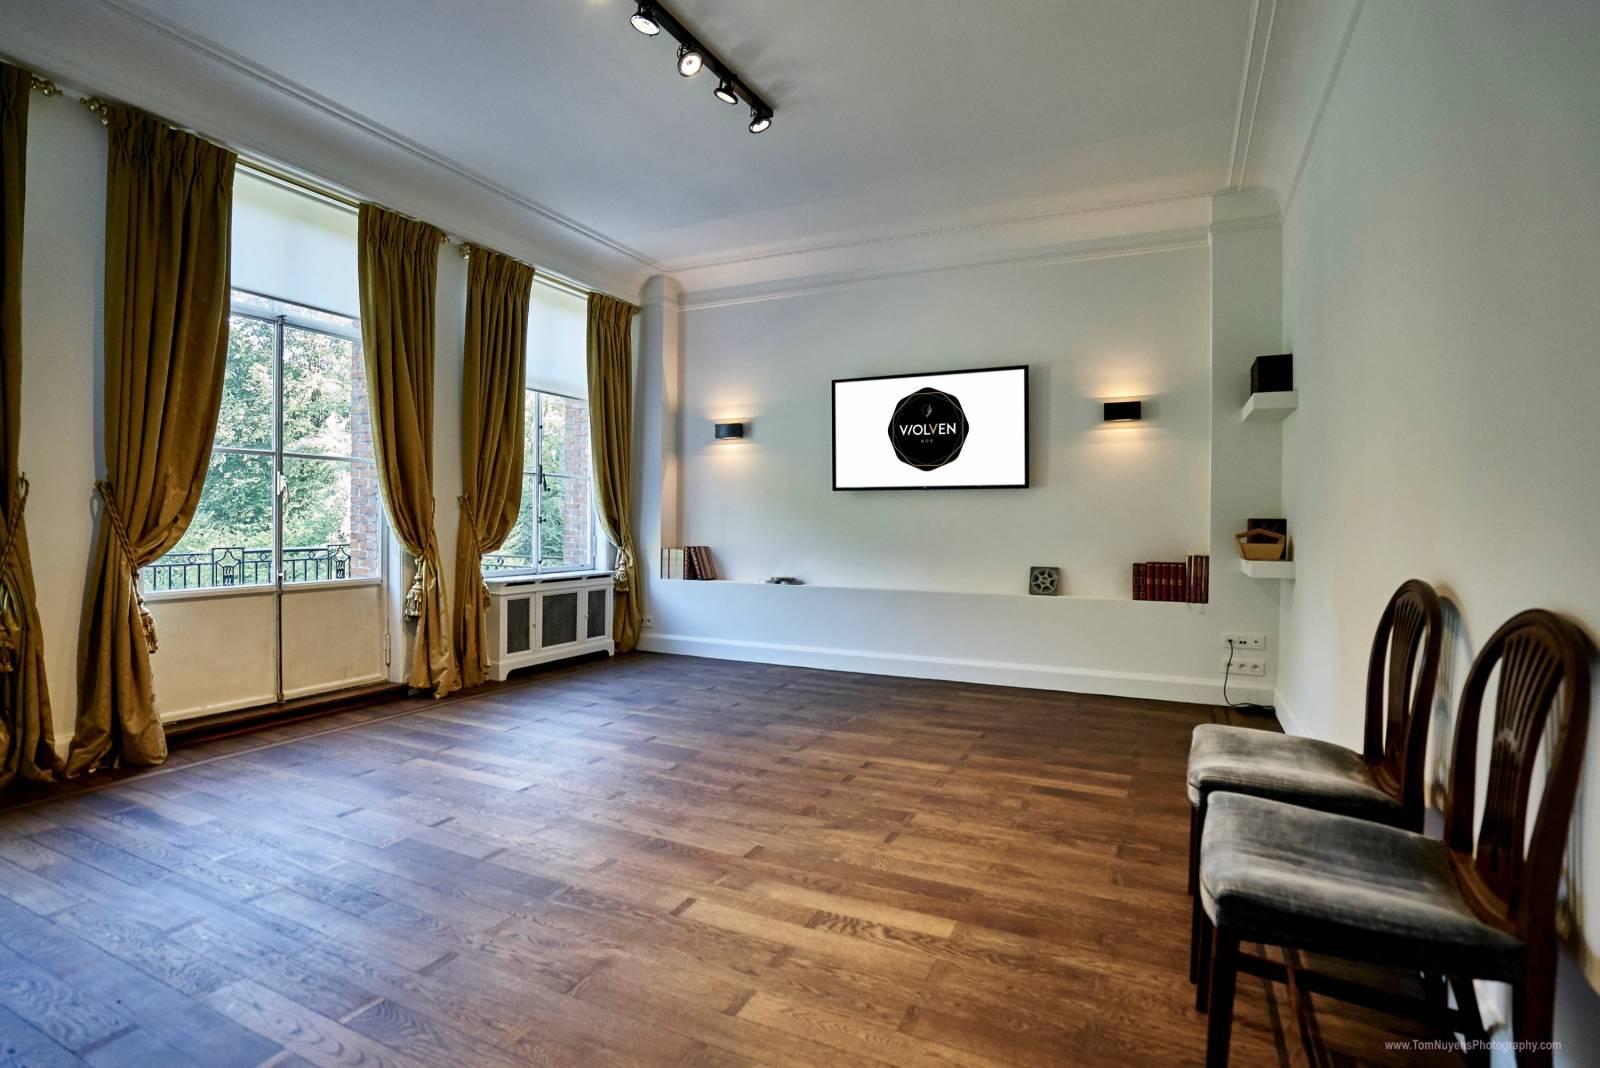 Wolvenbos - Feestzaal - Feestlocatie - Kapellen (Antwerpen) - House of Events - 12